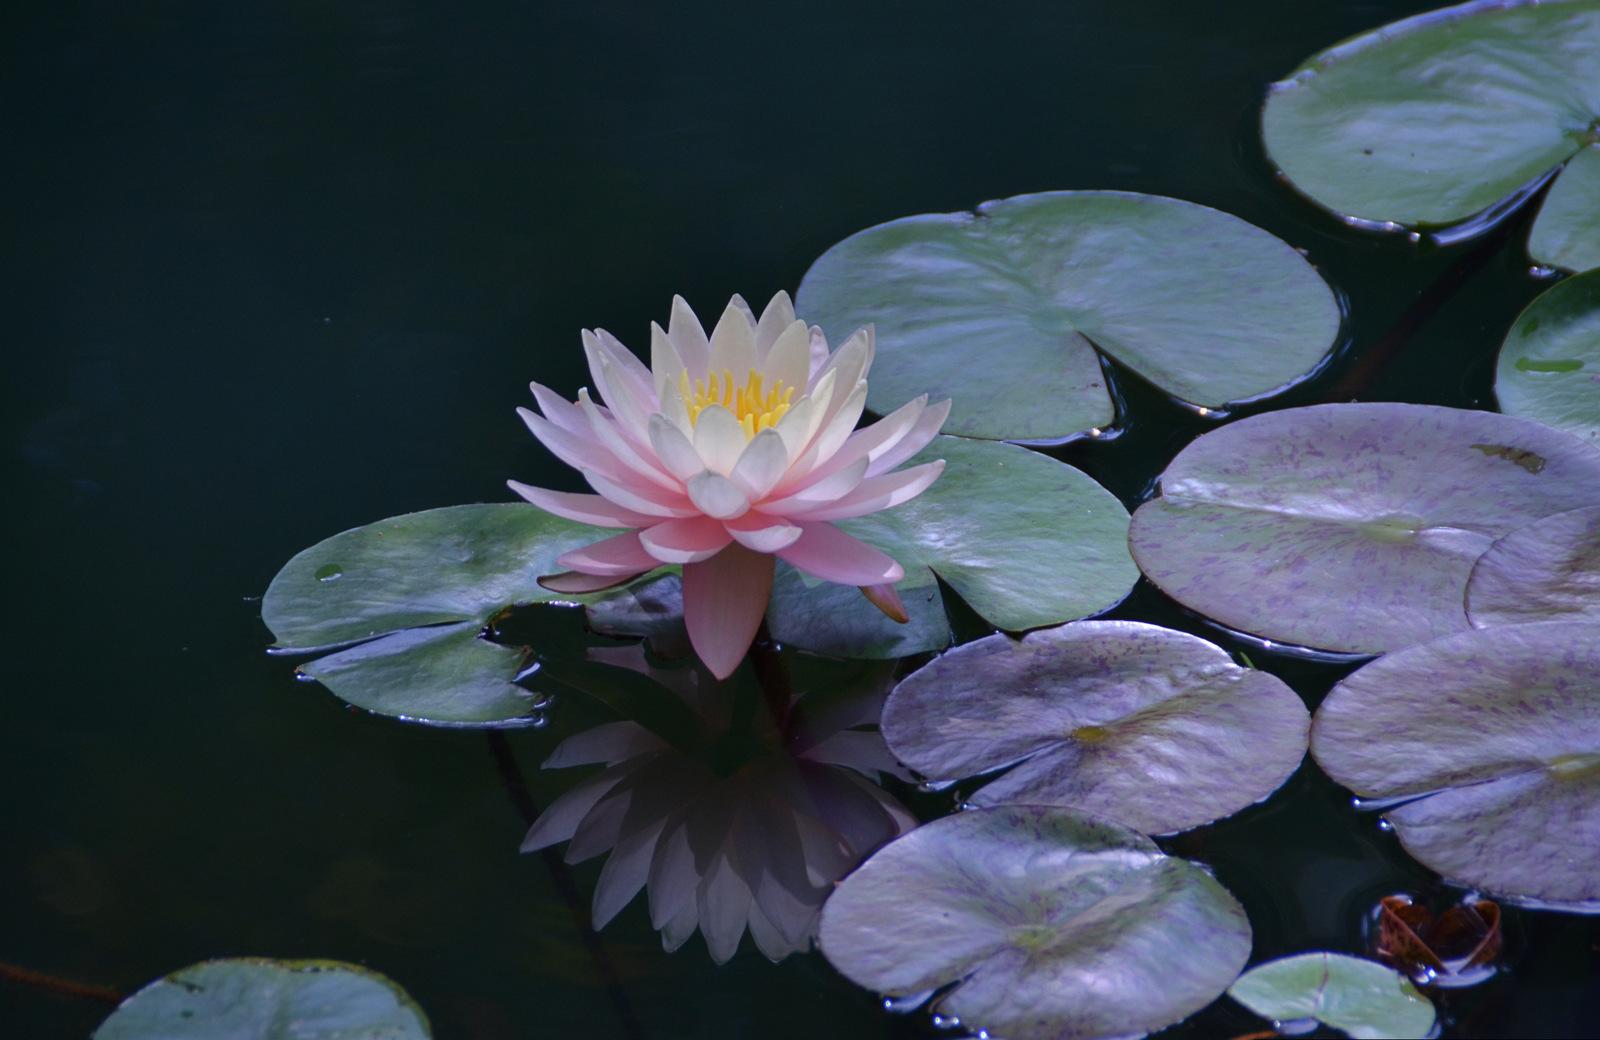 прическу цветы под водой фото сейчас